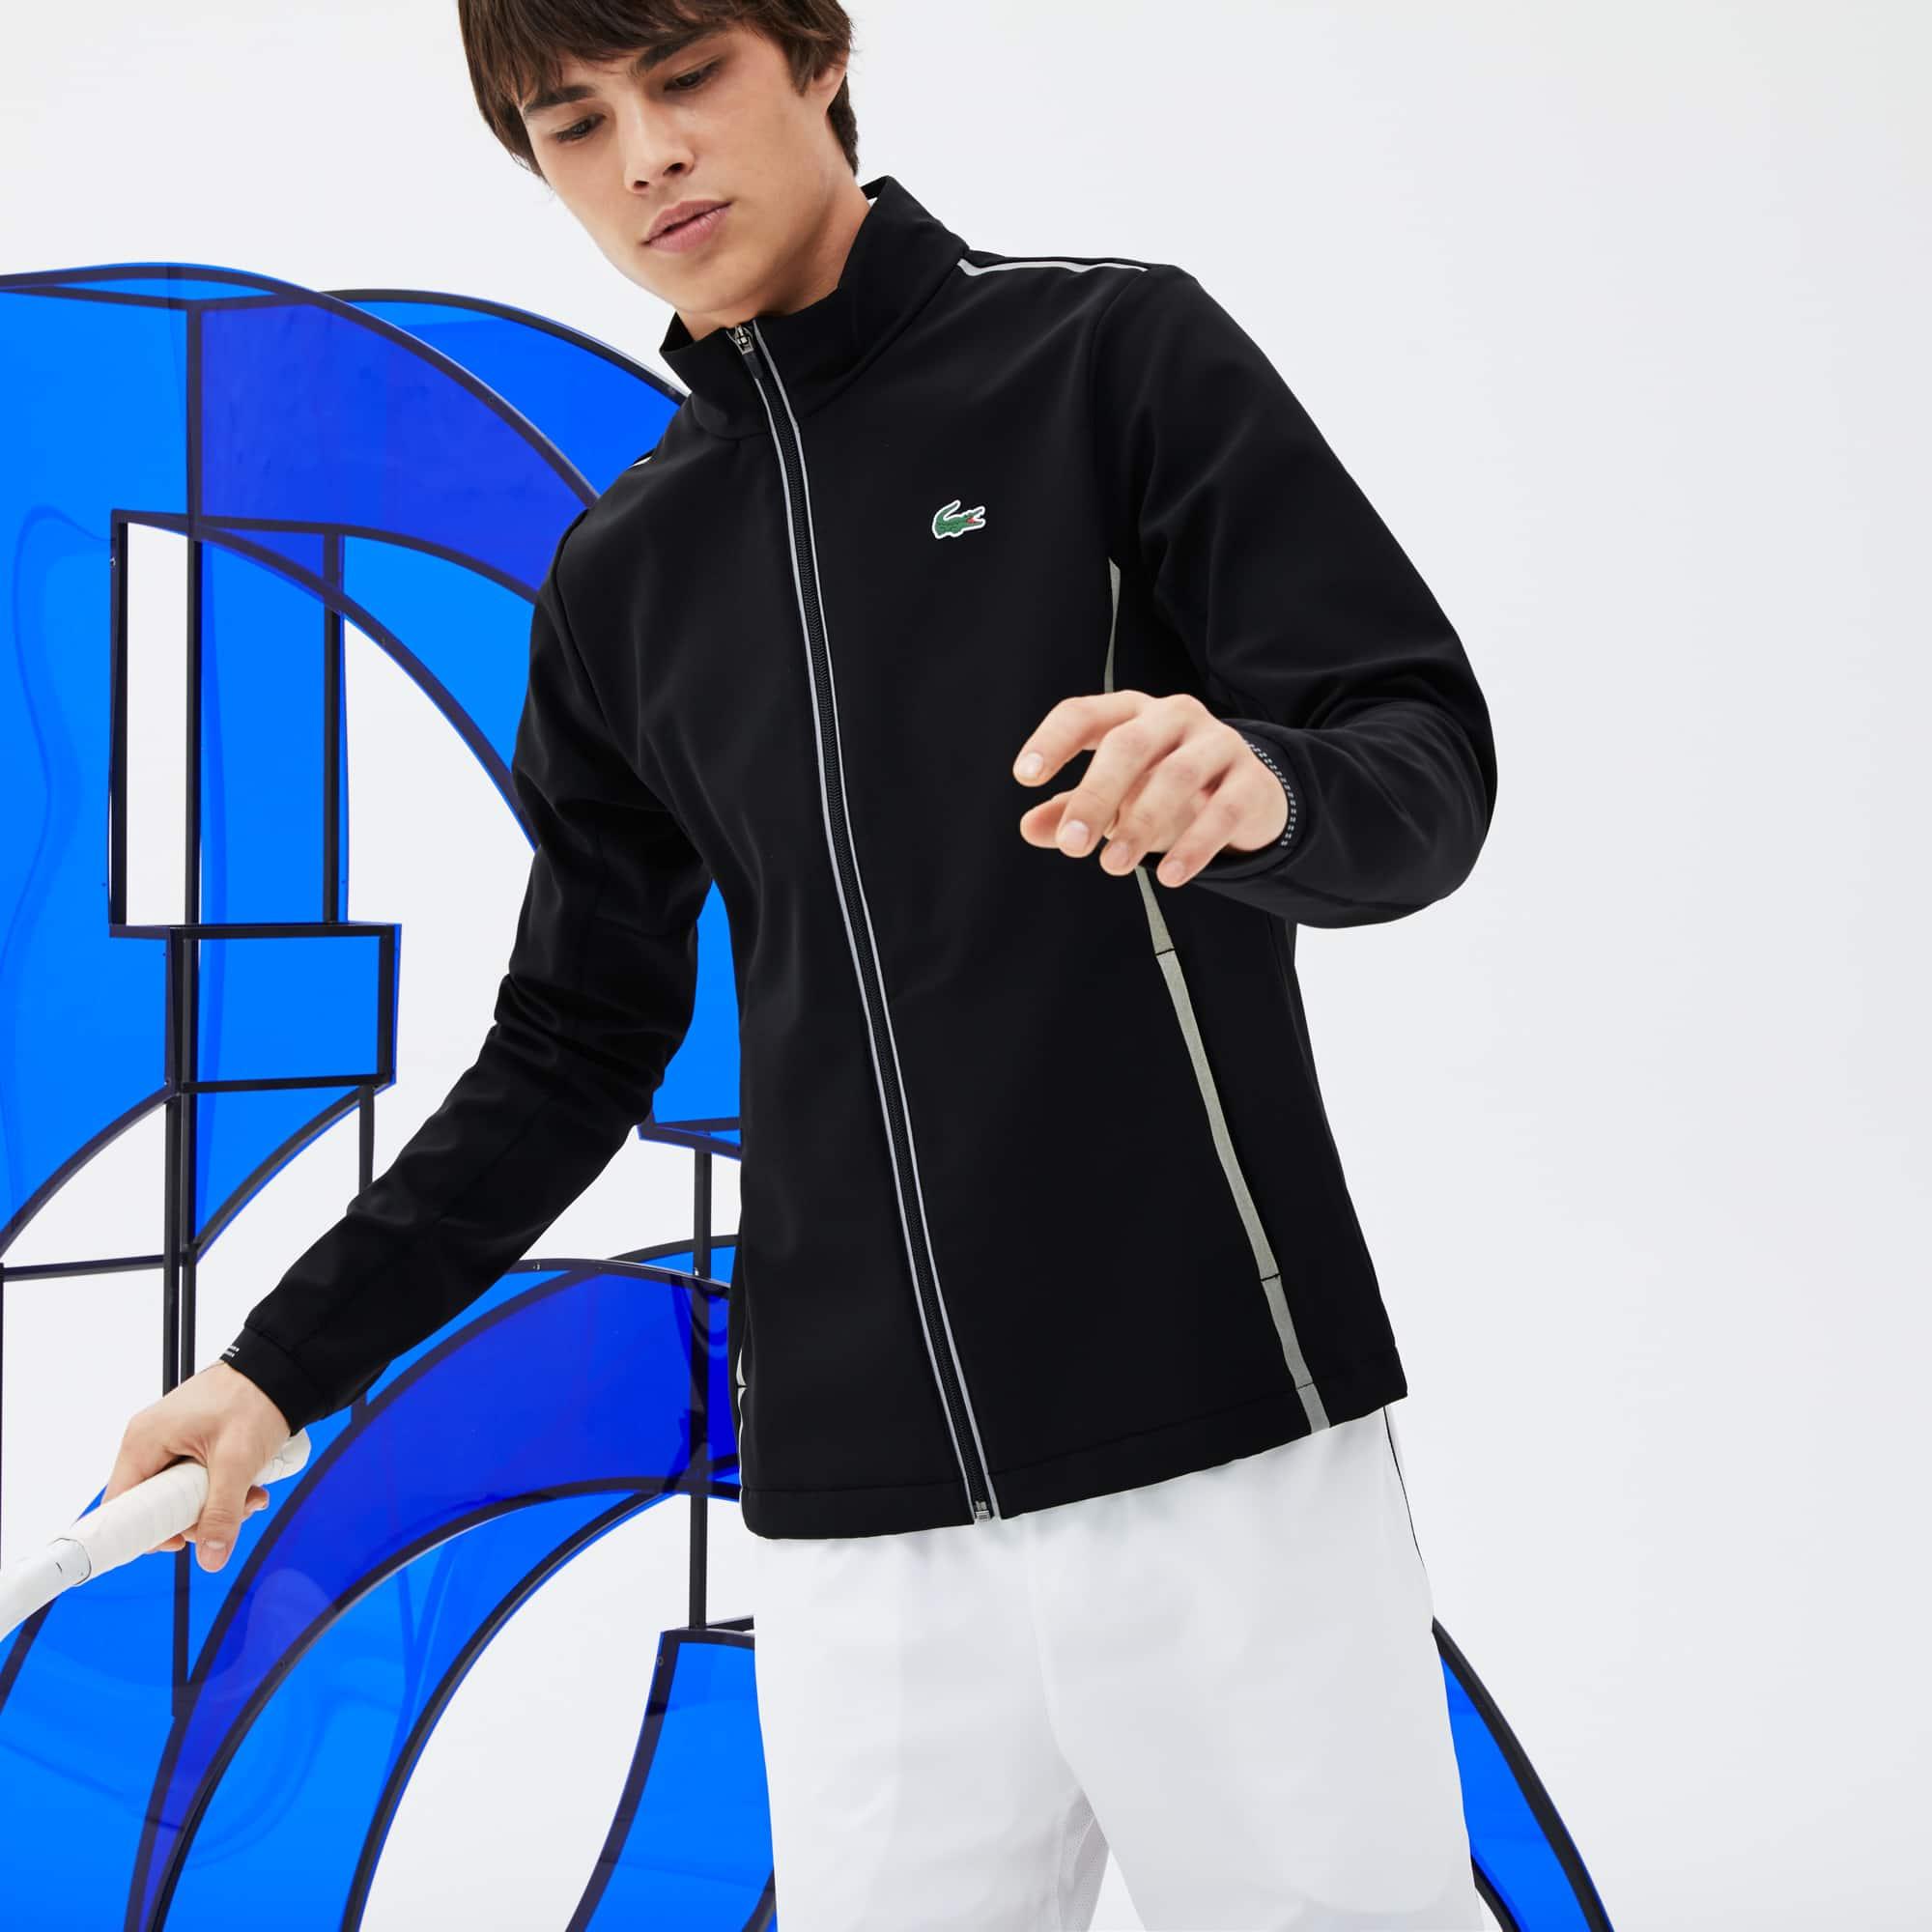 Sweatshirt com fecho de correr Lacoste SPORT COLEÇÃO NOVAK DJOKOVIC SUPPORT WITH STYLE em camada intermédia técnica